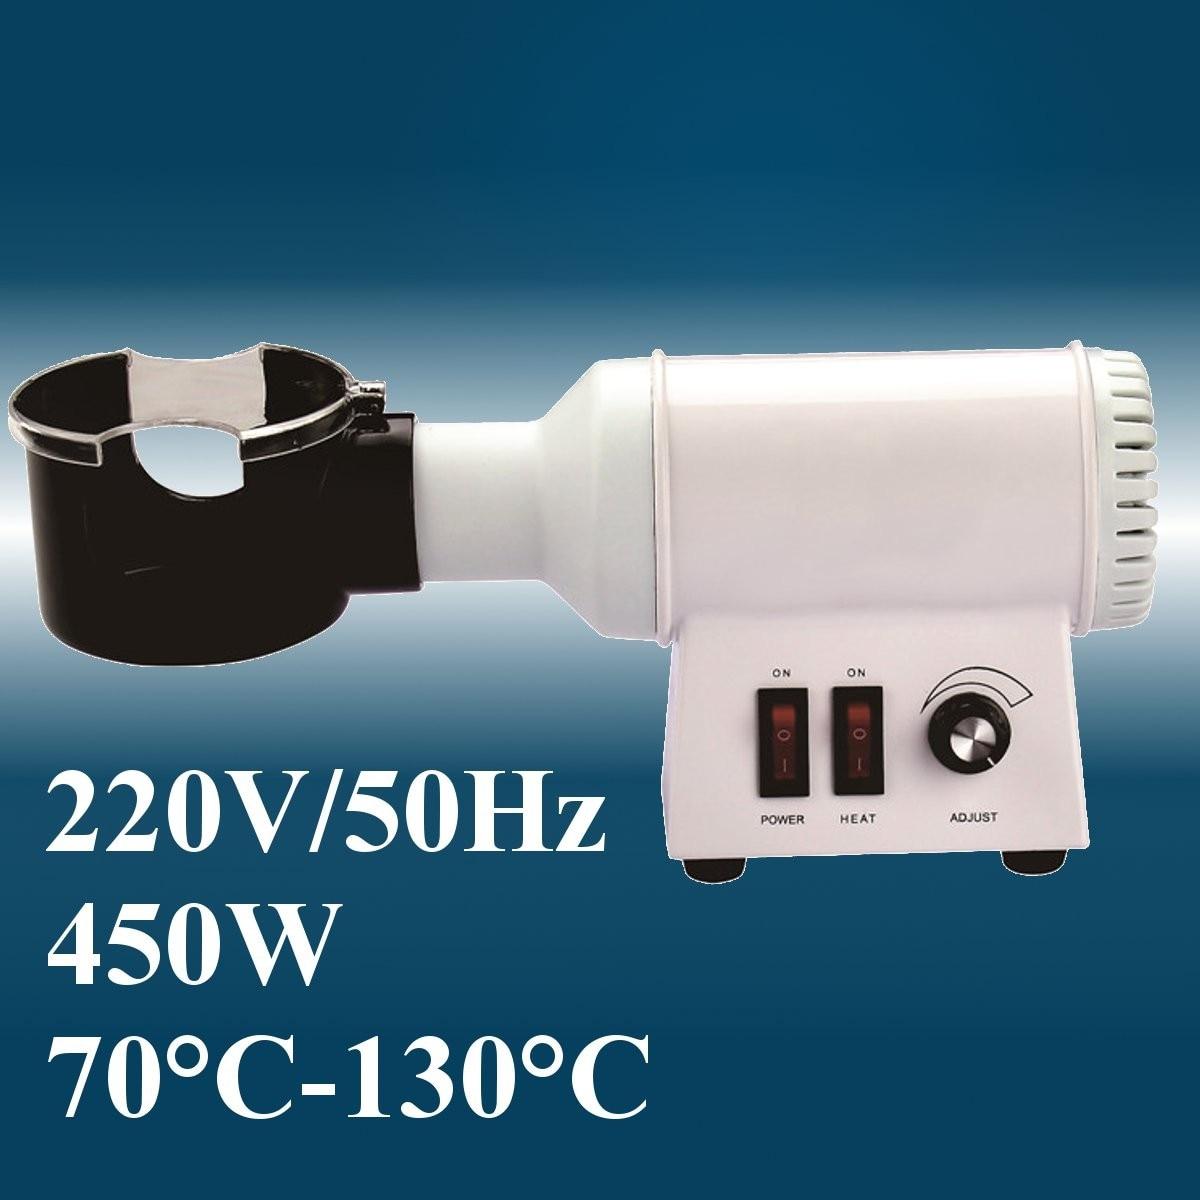 Cadre optique chauffe-lunettes 220V/50Hz   Appareil électrique, chauffage rapide, pour les lunettes, 450W, 70déforme, 130degrés